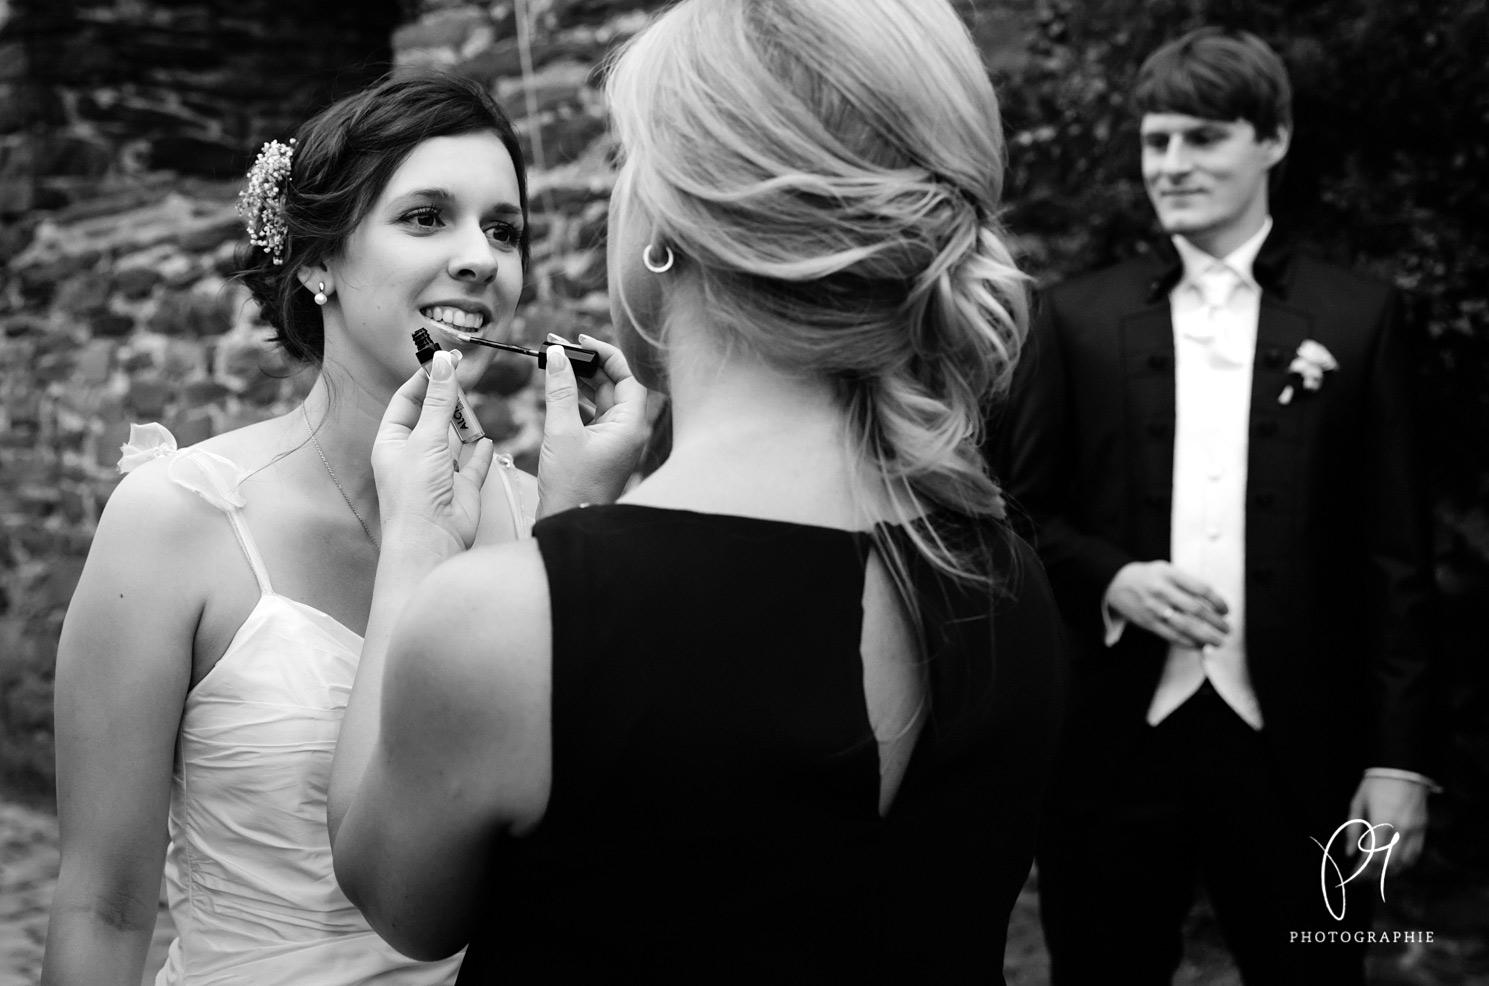 Die Schwiegermutter trägt der Braut noch etwas Lippenstift auf. Diese Aufnahme ist Teil einer Hochzeitsreportage aus Solingen und wurde auf Schloss Burg aufgenommen. Der Hochzeitsfotograf benutzte eine Canon 5D MarkIII für die Hochzeitsfotos.